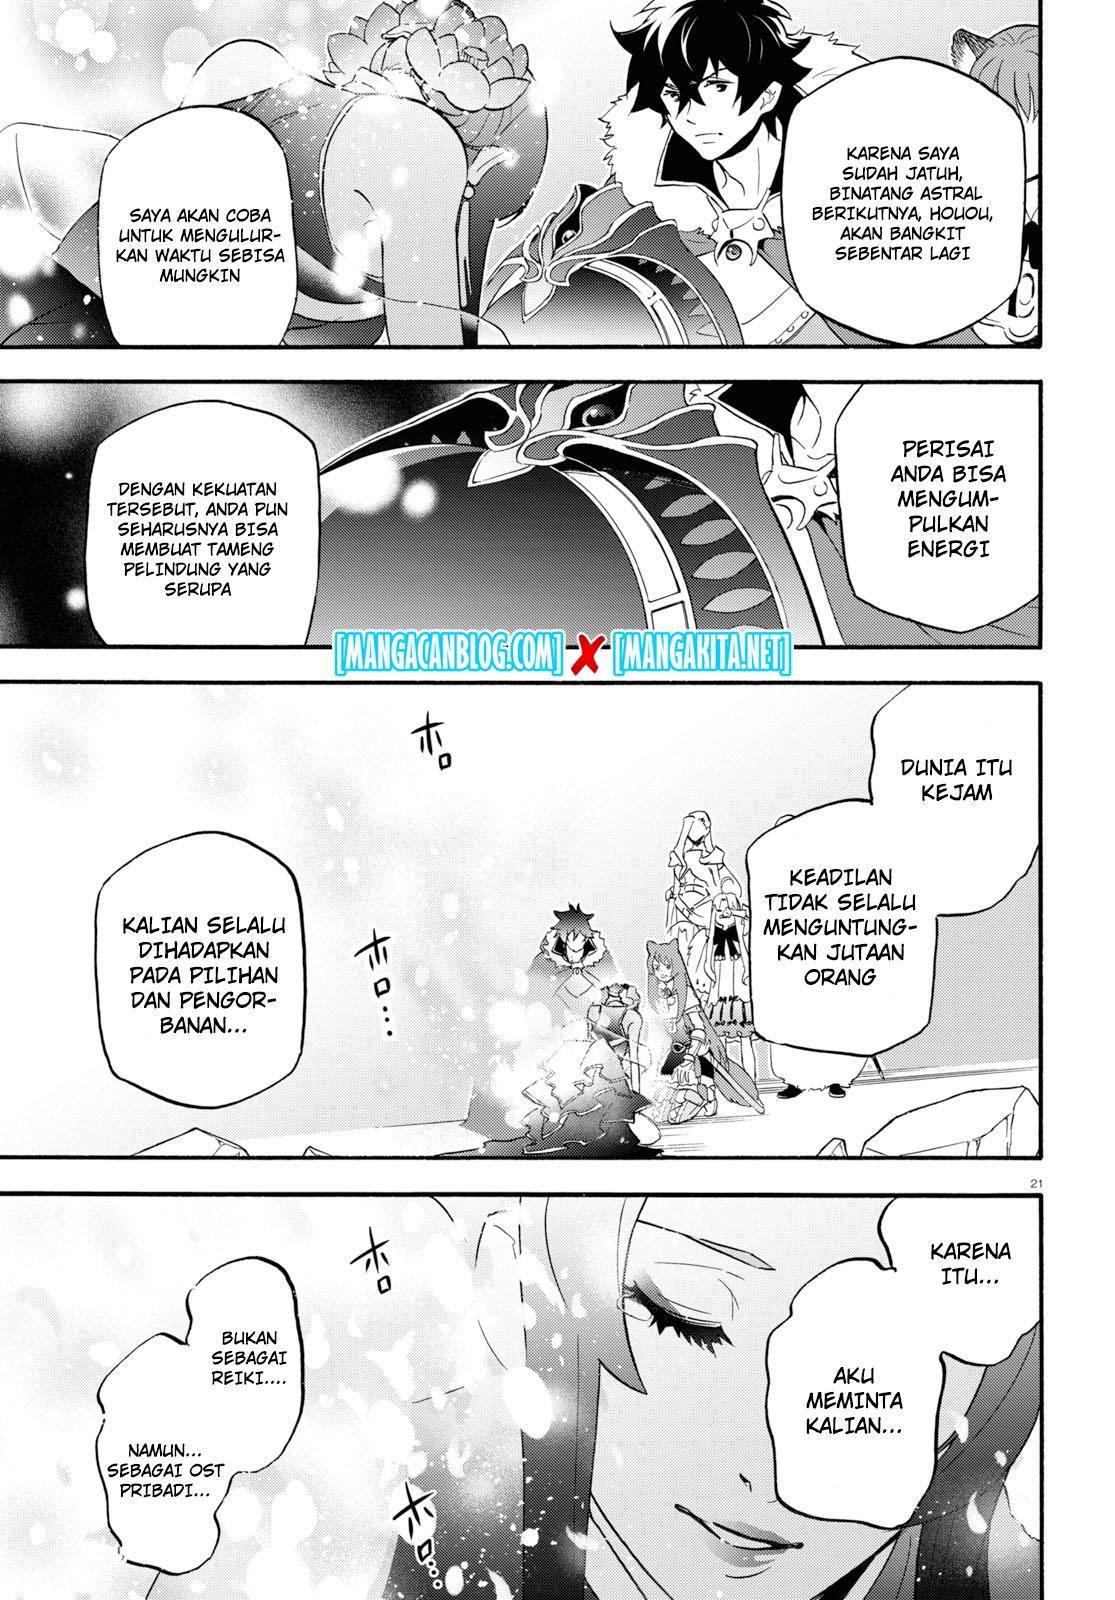 Tate no Yuusha no Nariagari: Chapter 62 - Page 20